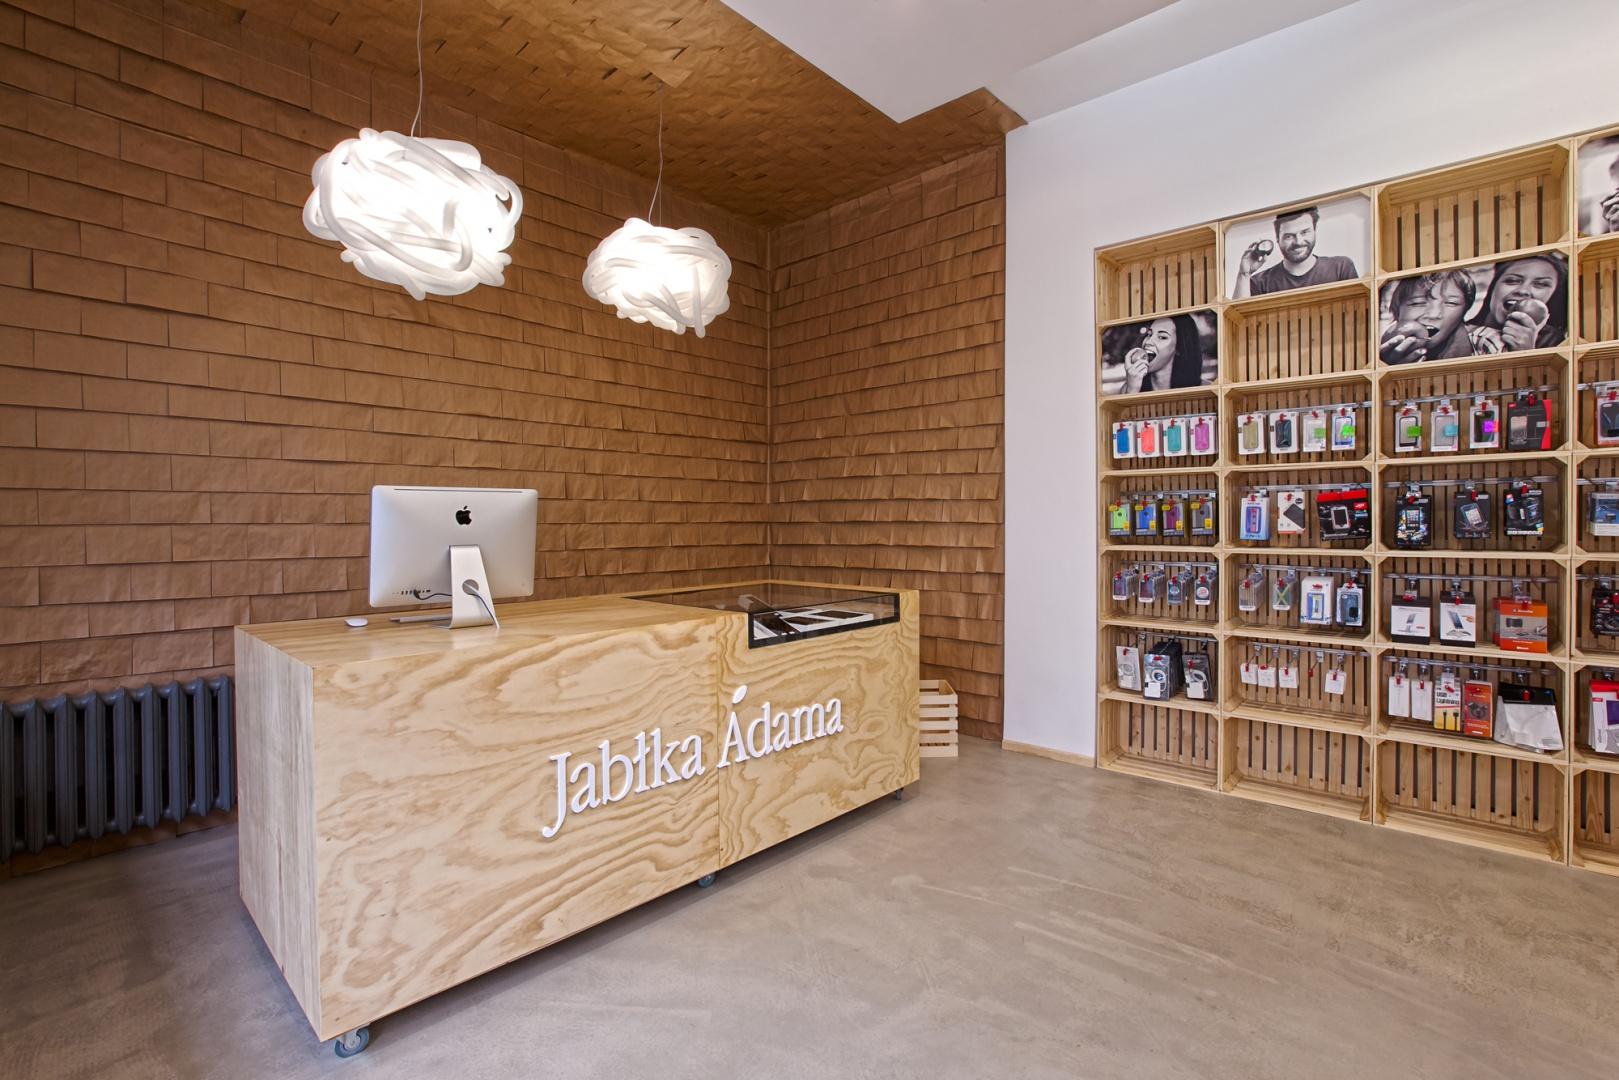 Projekt Jabłka Adama to pierwszy polski projekt nagrodzony w 8-letniej historii konkursu Euro Shop Retail Design Award. Fot. Marcin Ratajczak